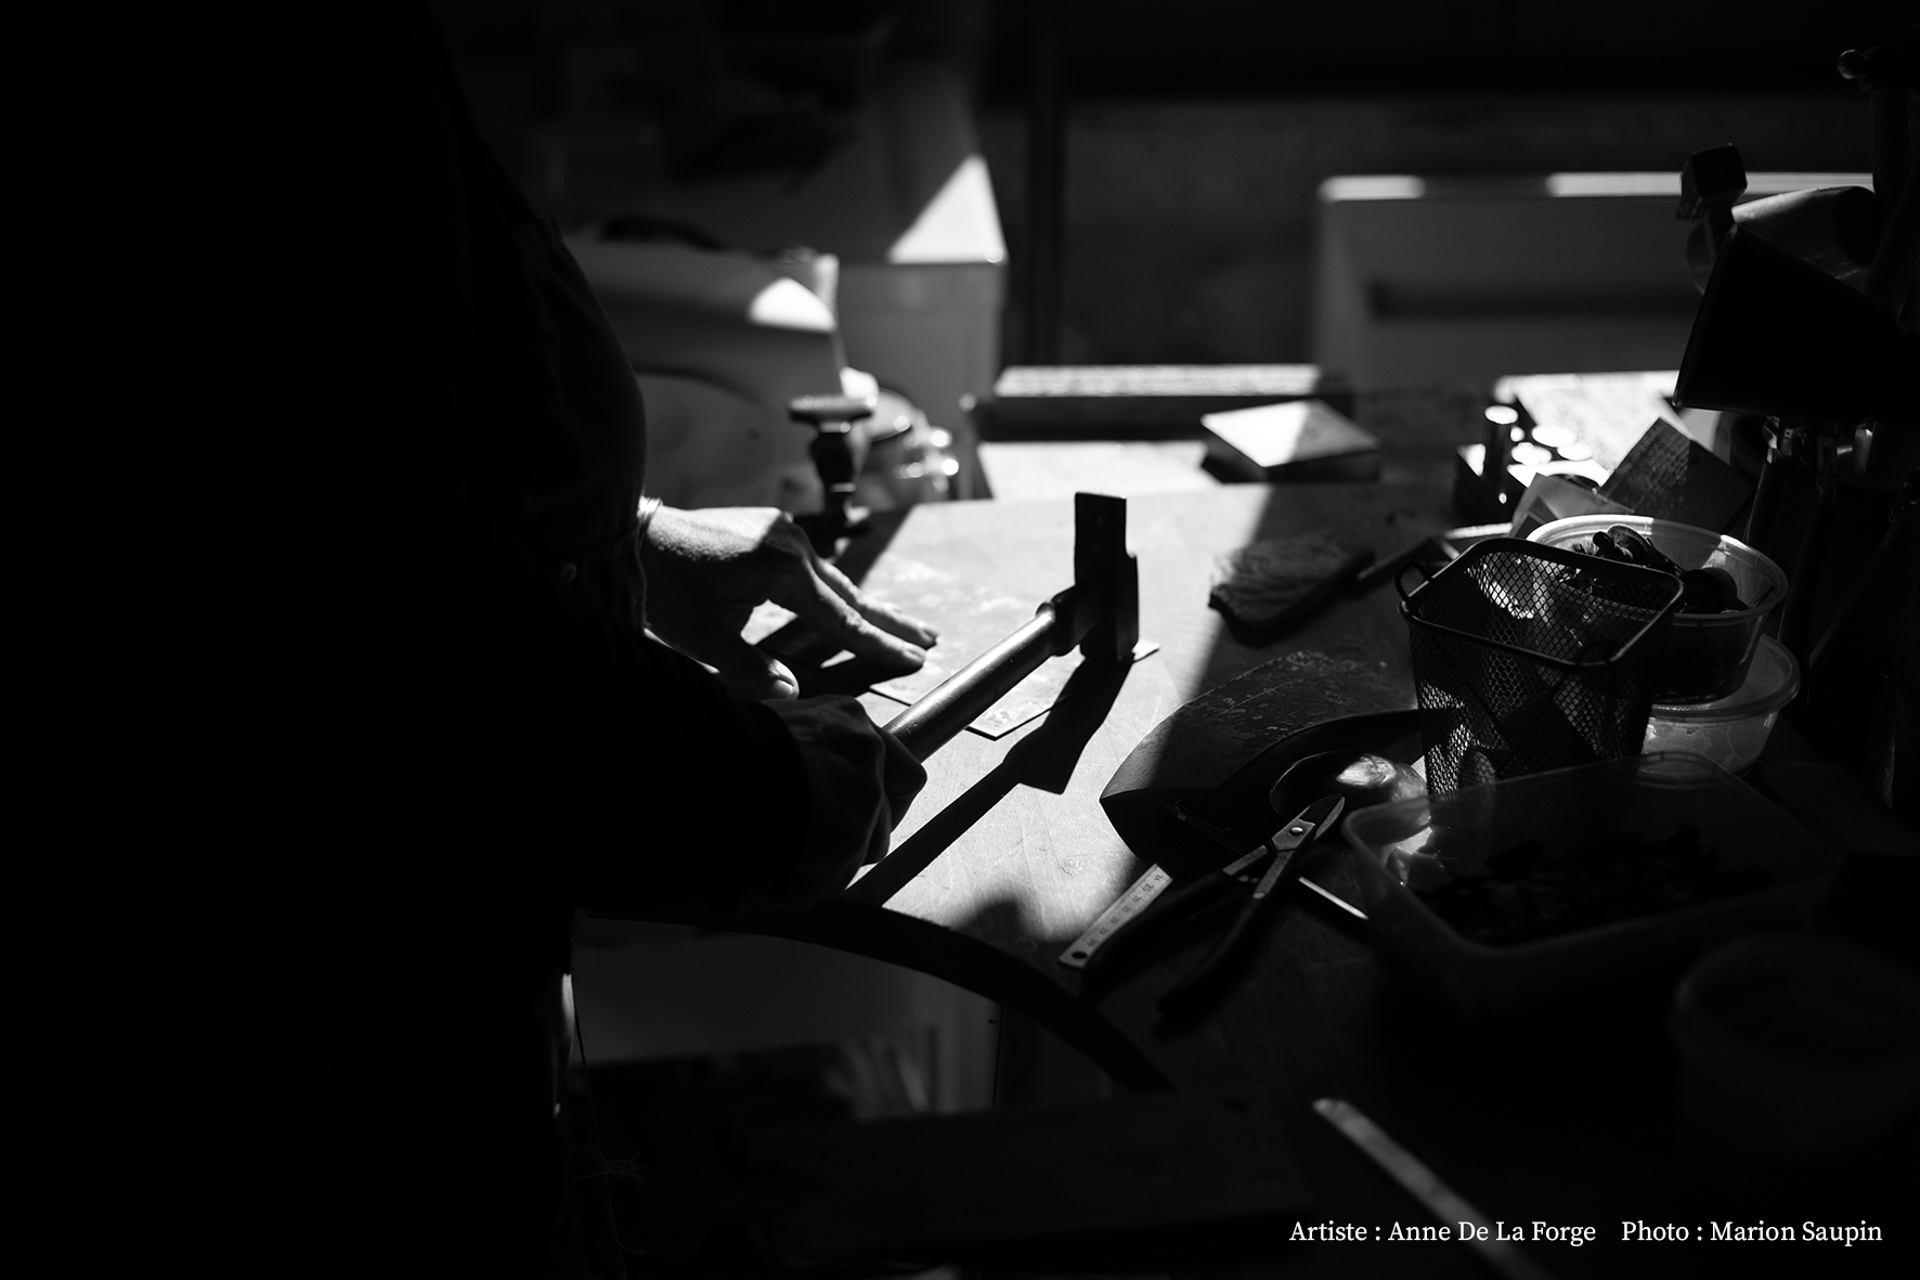 Dans l'atelier de Anne De La Forge